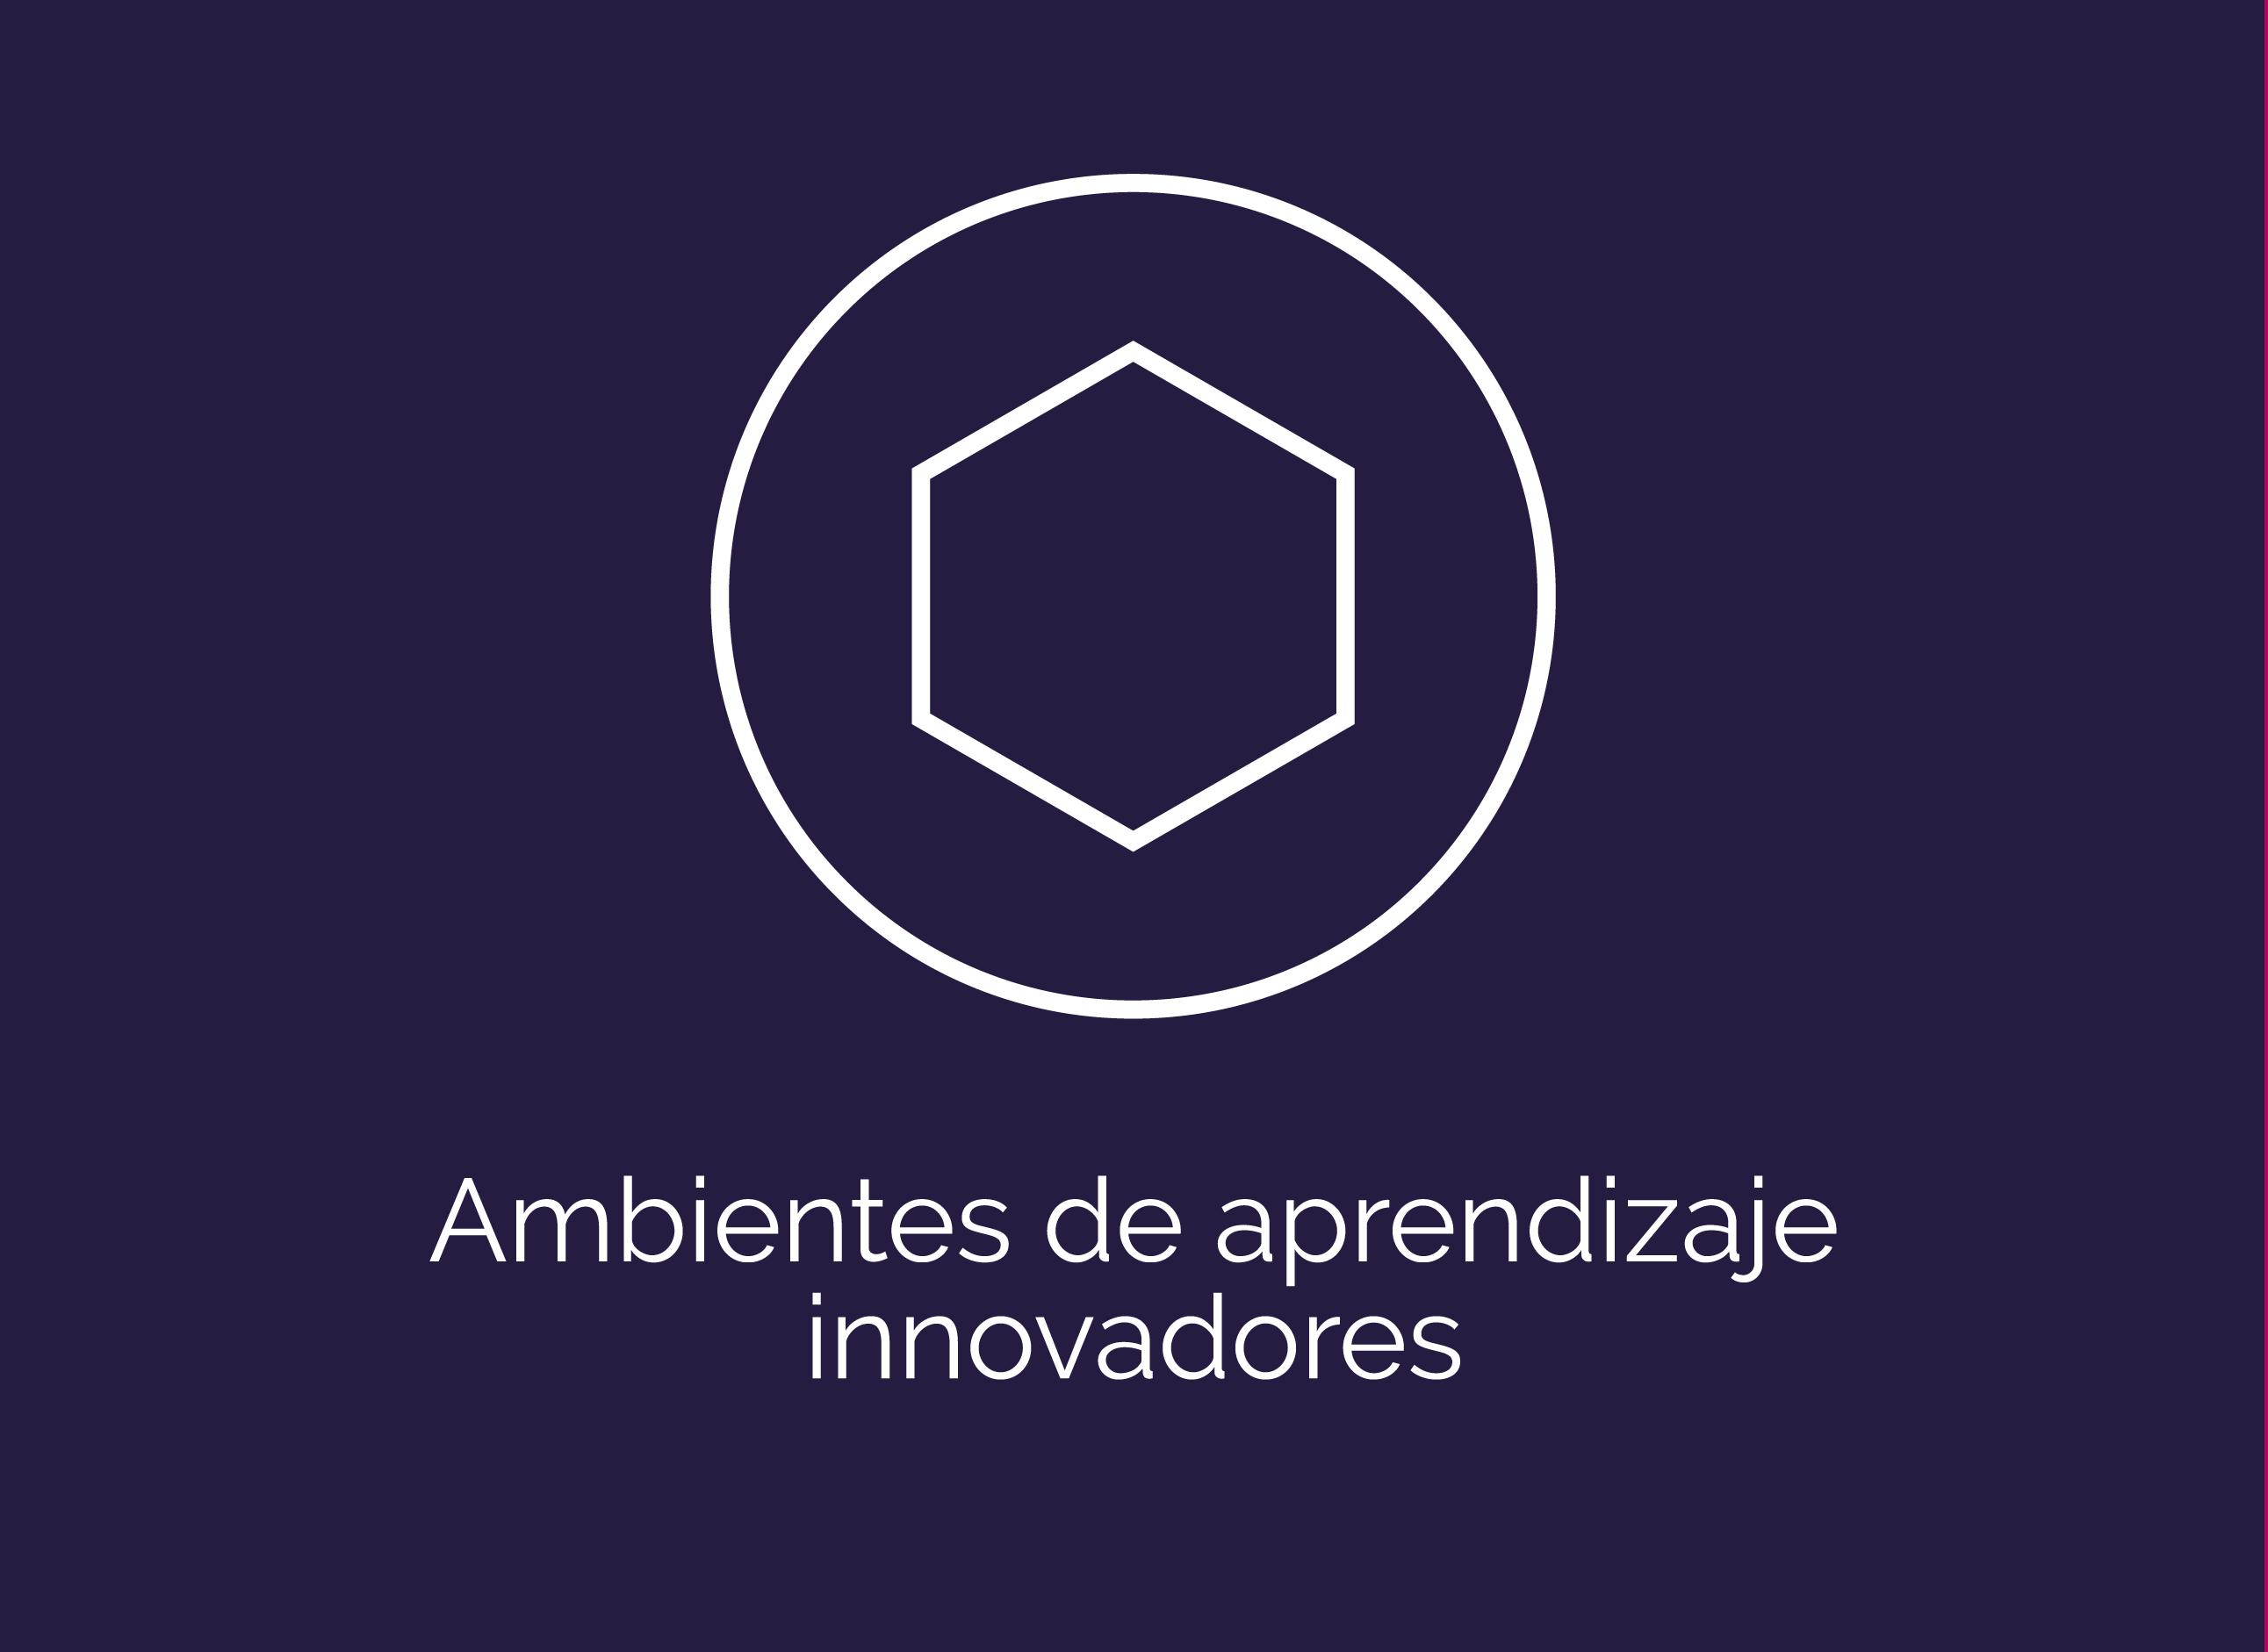 16a Edición - Innovación en Ambientes de Aprendizaje